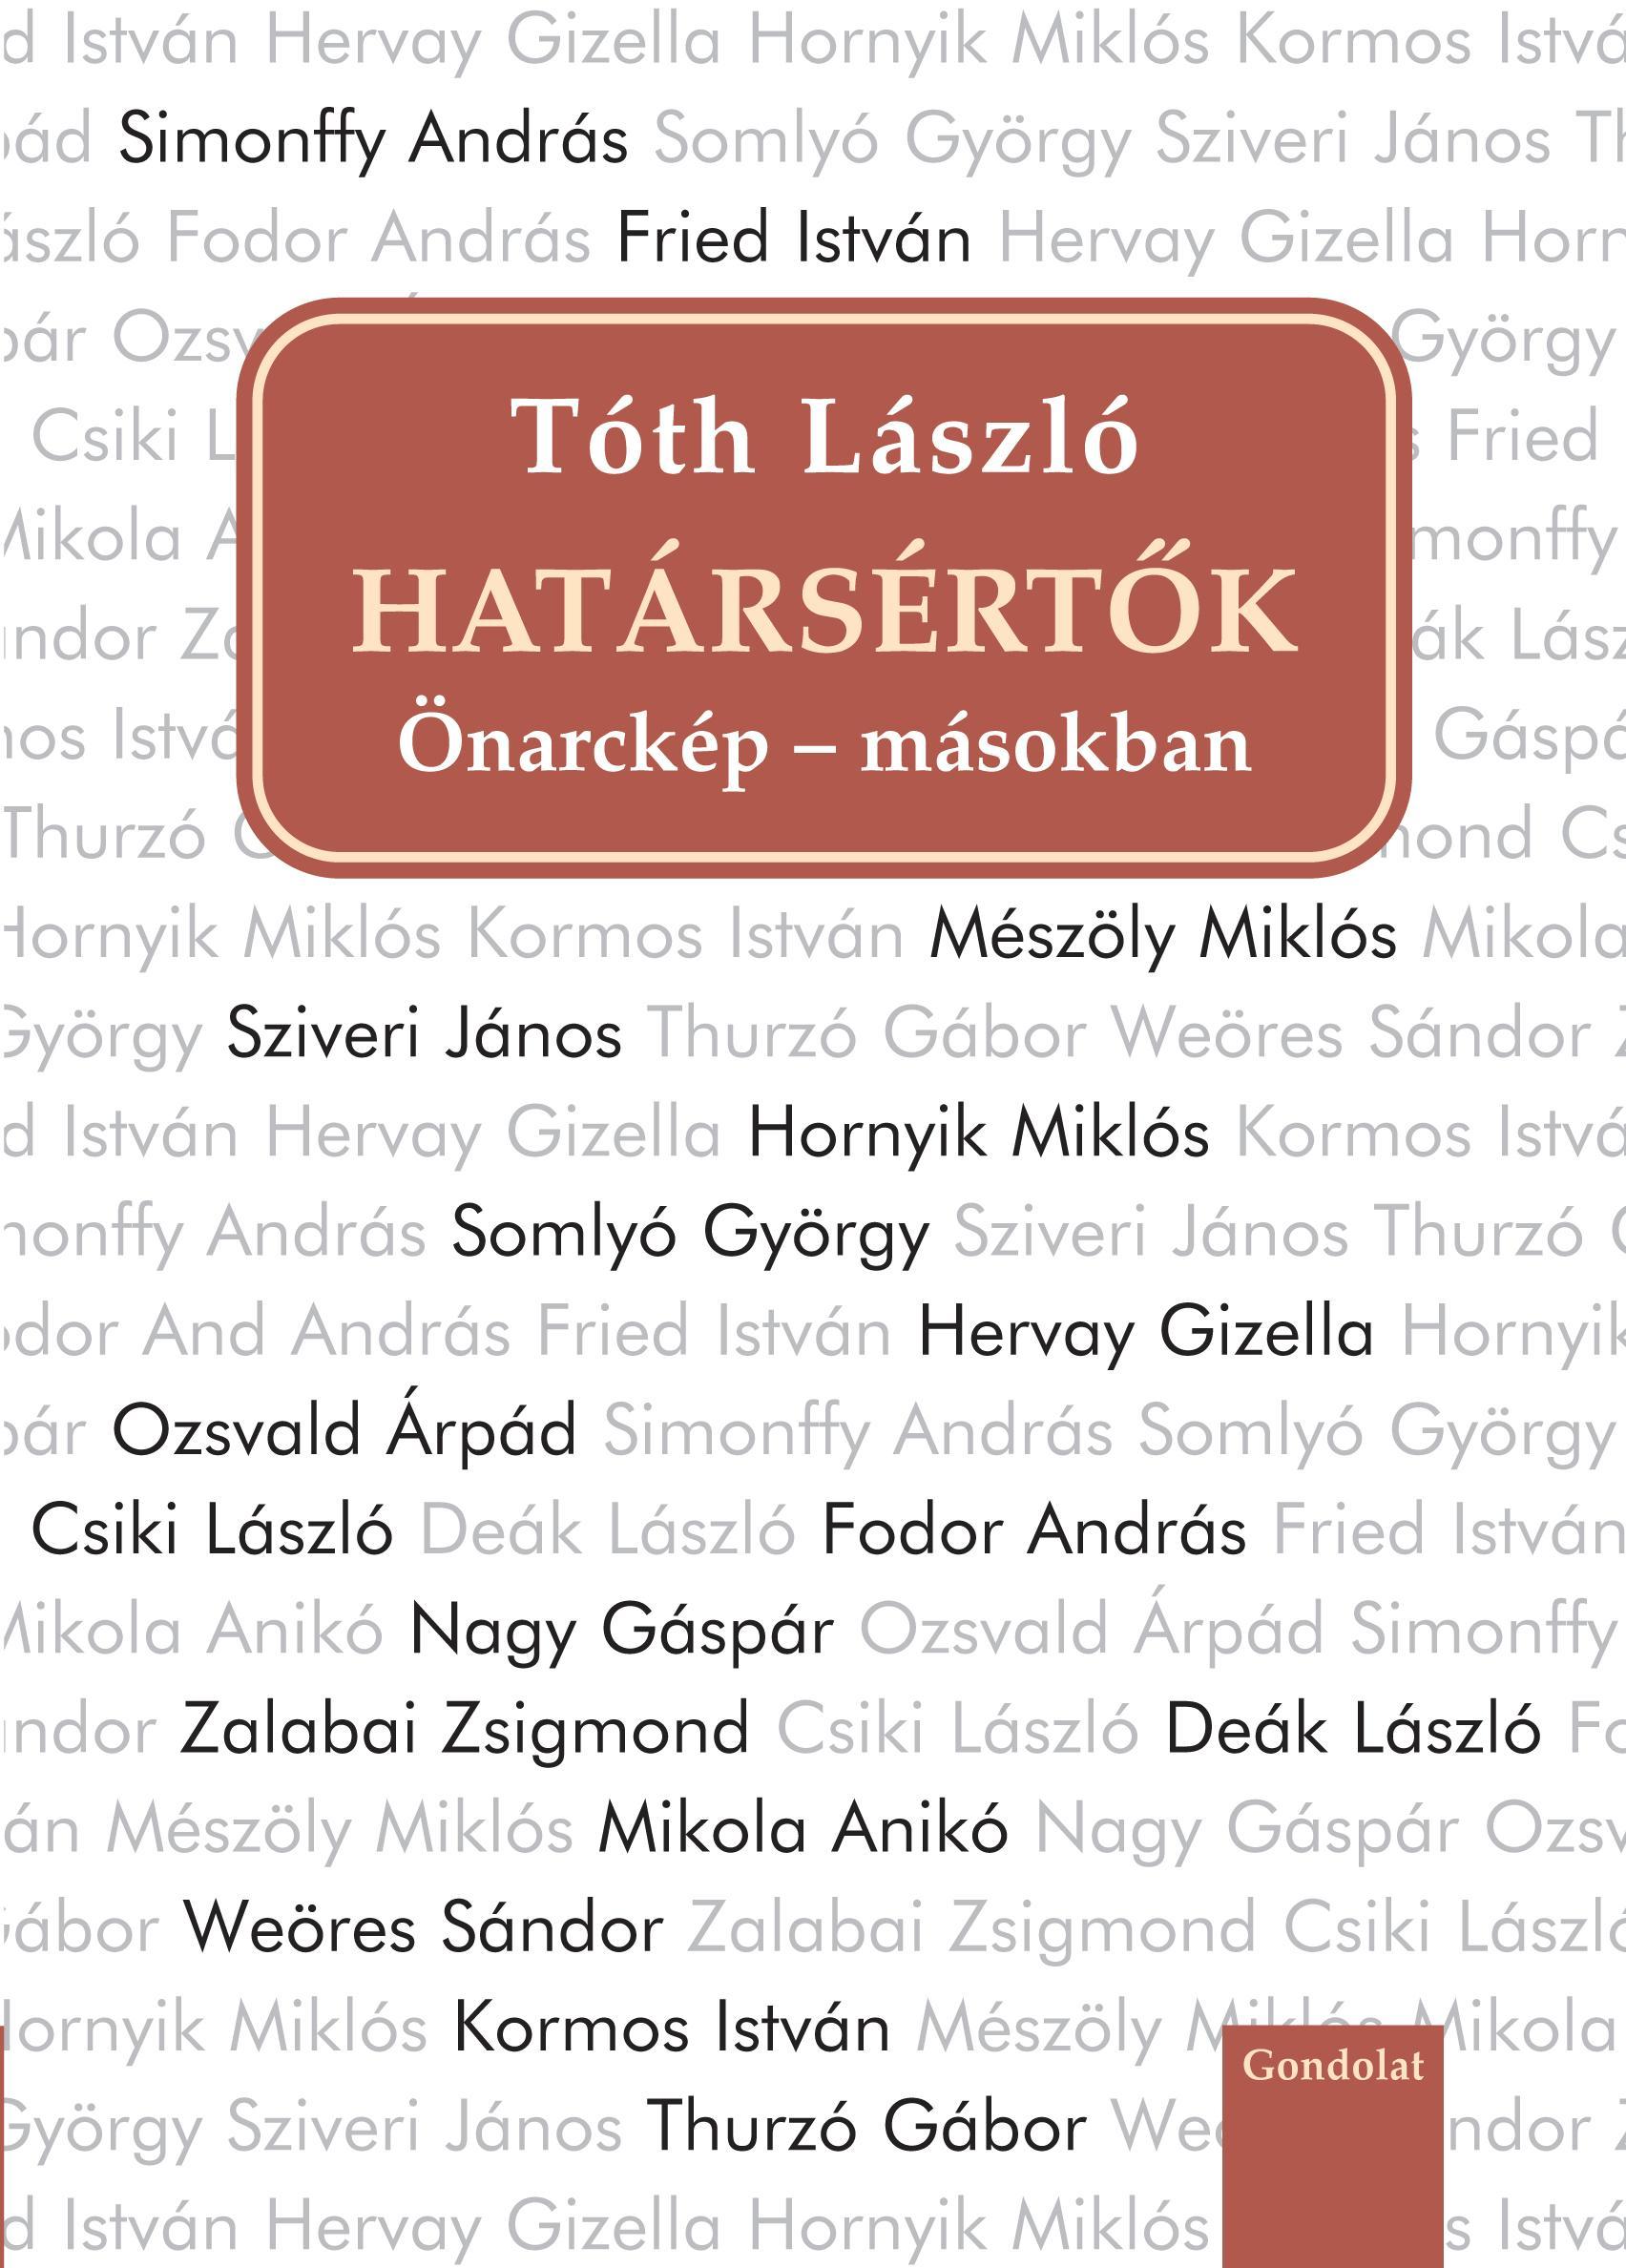 HATÁRSÉRTŐK - ÖNARCKÉP - MÁSOKBAN I.